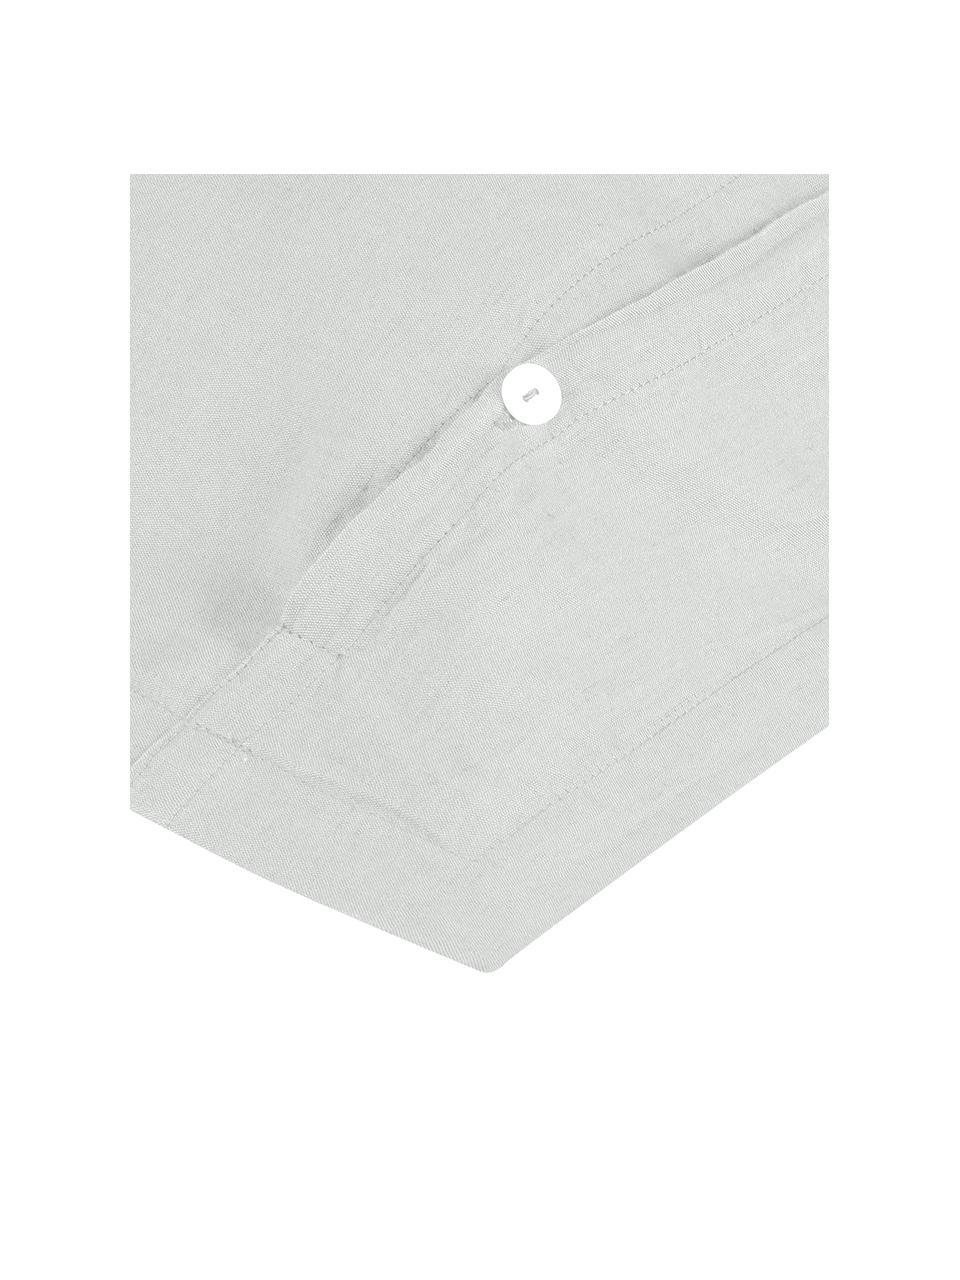 Gewaschene Leinen-Kissenbezüge Nature in Hellgrau, 2 Stück, Halbleinen (52% Leinen, 48% Baumwolle)  Fadendichte 108 TC, Standard Qualität  Halbleinen hat von Natur aus einen kernigen Griff und einen natürlichen Knitterlook, der durch den Stonewash-Effekt verstärkt wird. Es absorbiert bis zu 35% Luftfeuchtigkeit, trocknet sehr schnell und wirkt in Sommernächten angenehm kühlend. Die hohe Reißfestigkeit macht Halbleinen scheuerfest und strapazierfähig., Hellgrau, 40 x 80 cm